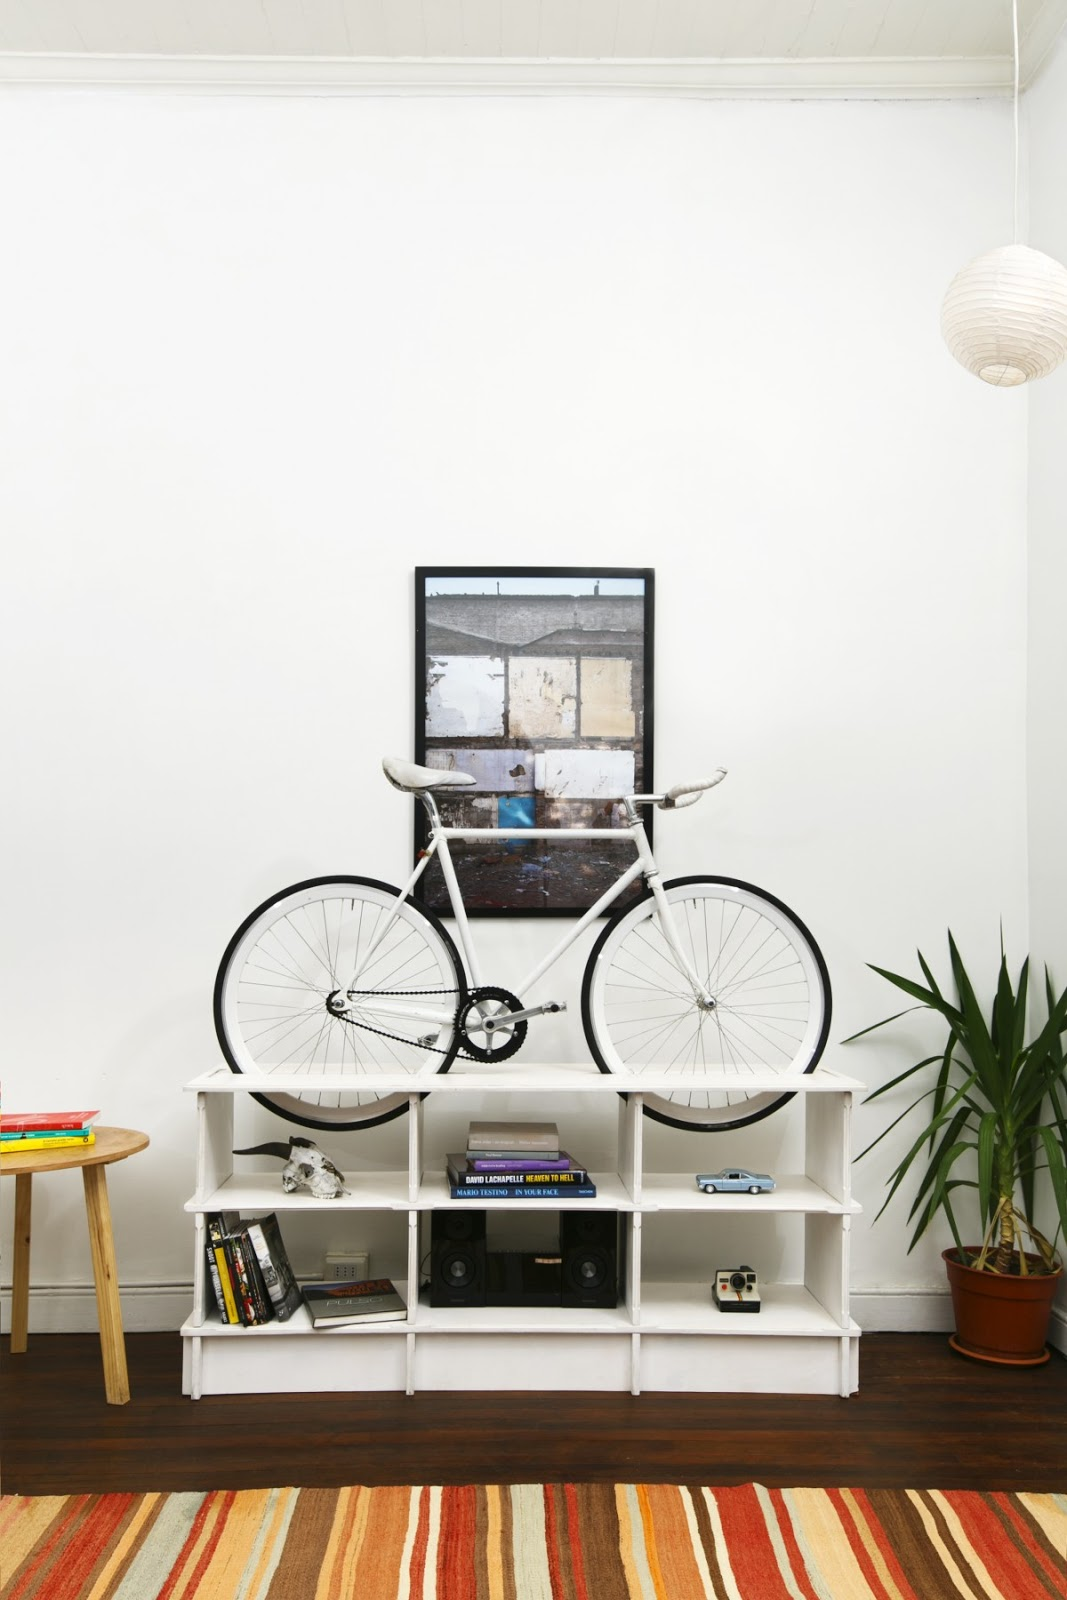 Conoce La Colecci N De Muebles Chol1 Que Sirven Para Almacenar La  # Muebles Bicicleta